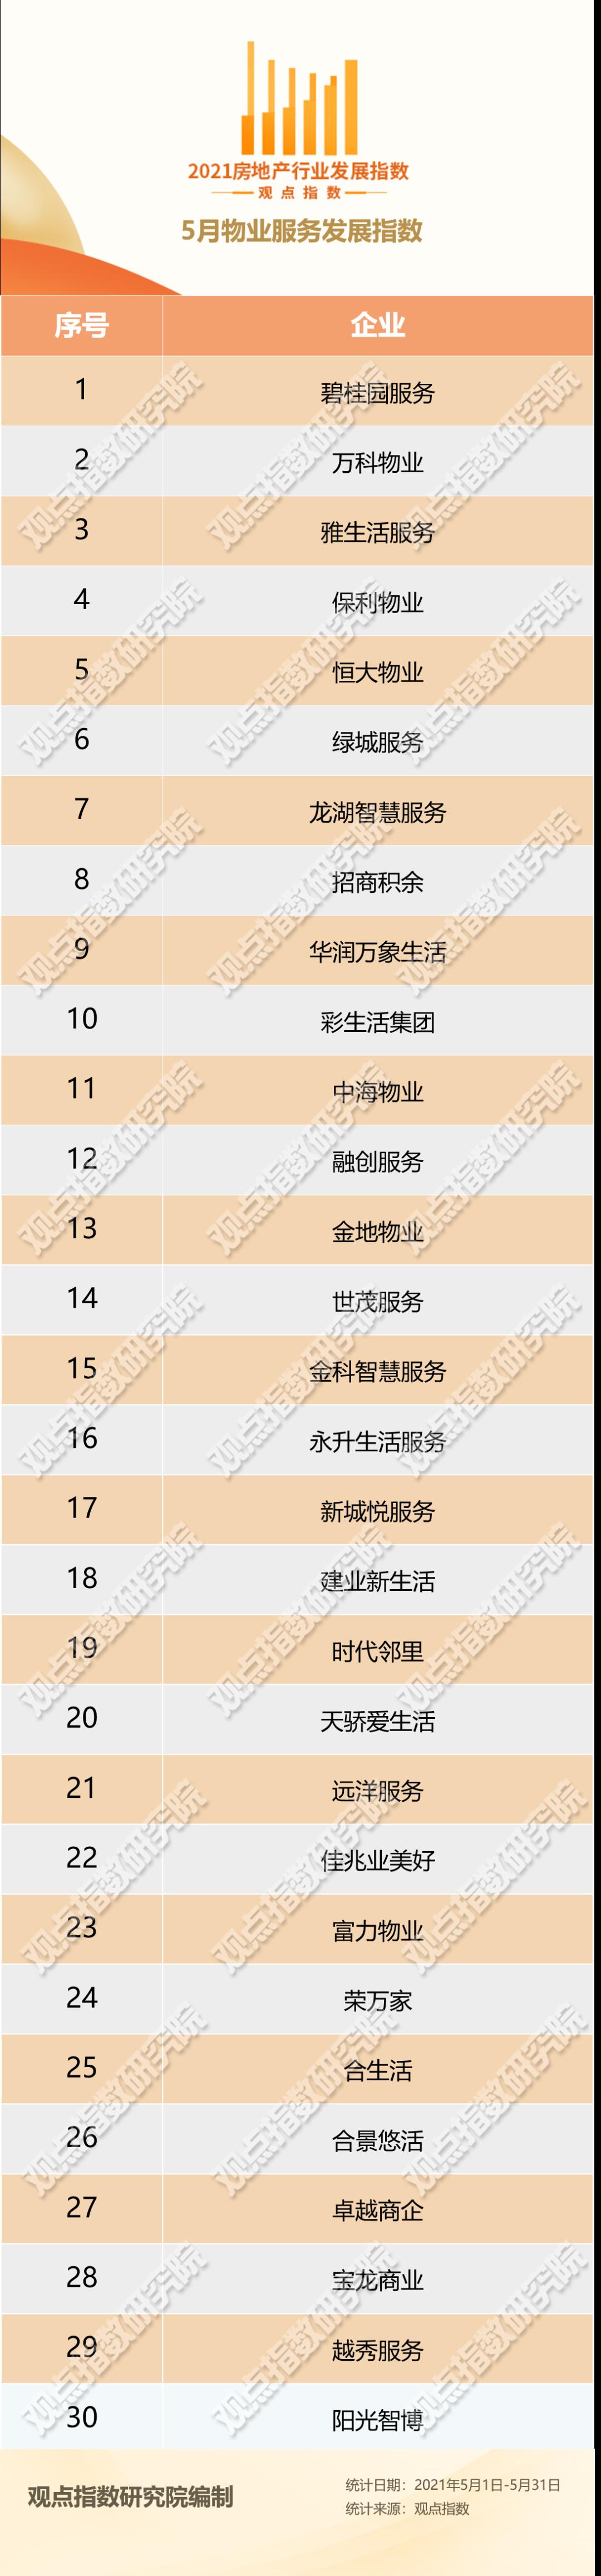 5月物业服务发展报告·观点月度指数